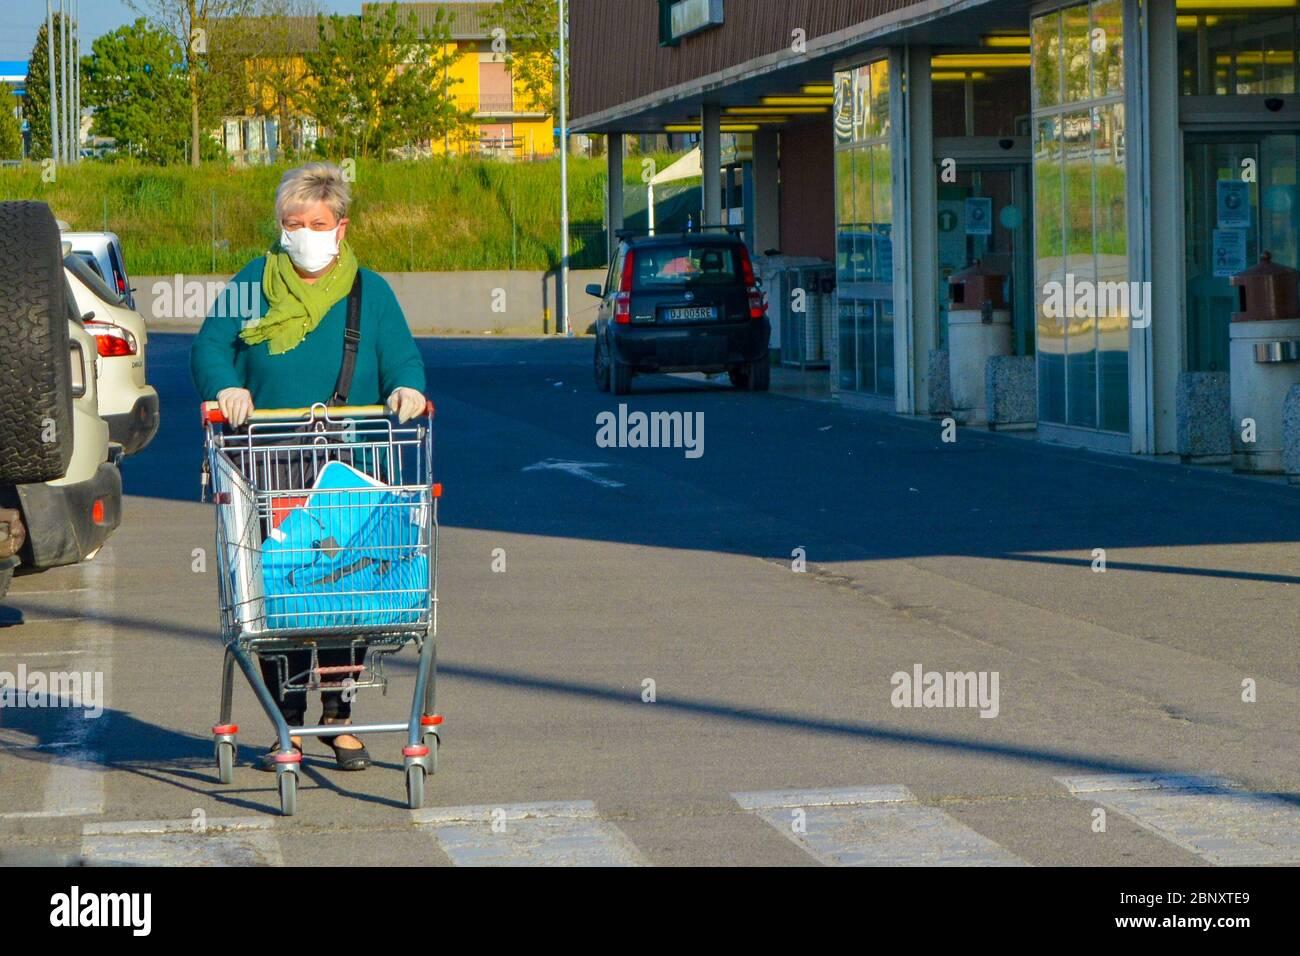 Vieille femme italienne, pensionnée portant un masque facial coronavirus poussant son panier à l'extérieur d'une épicerie. Lady craint pour la pandémie de COVID-19. Banque D'Images